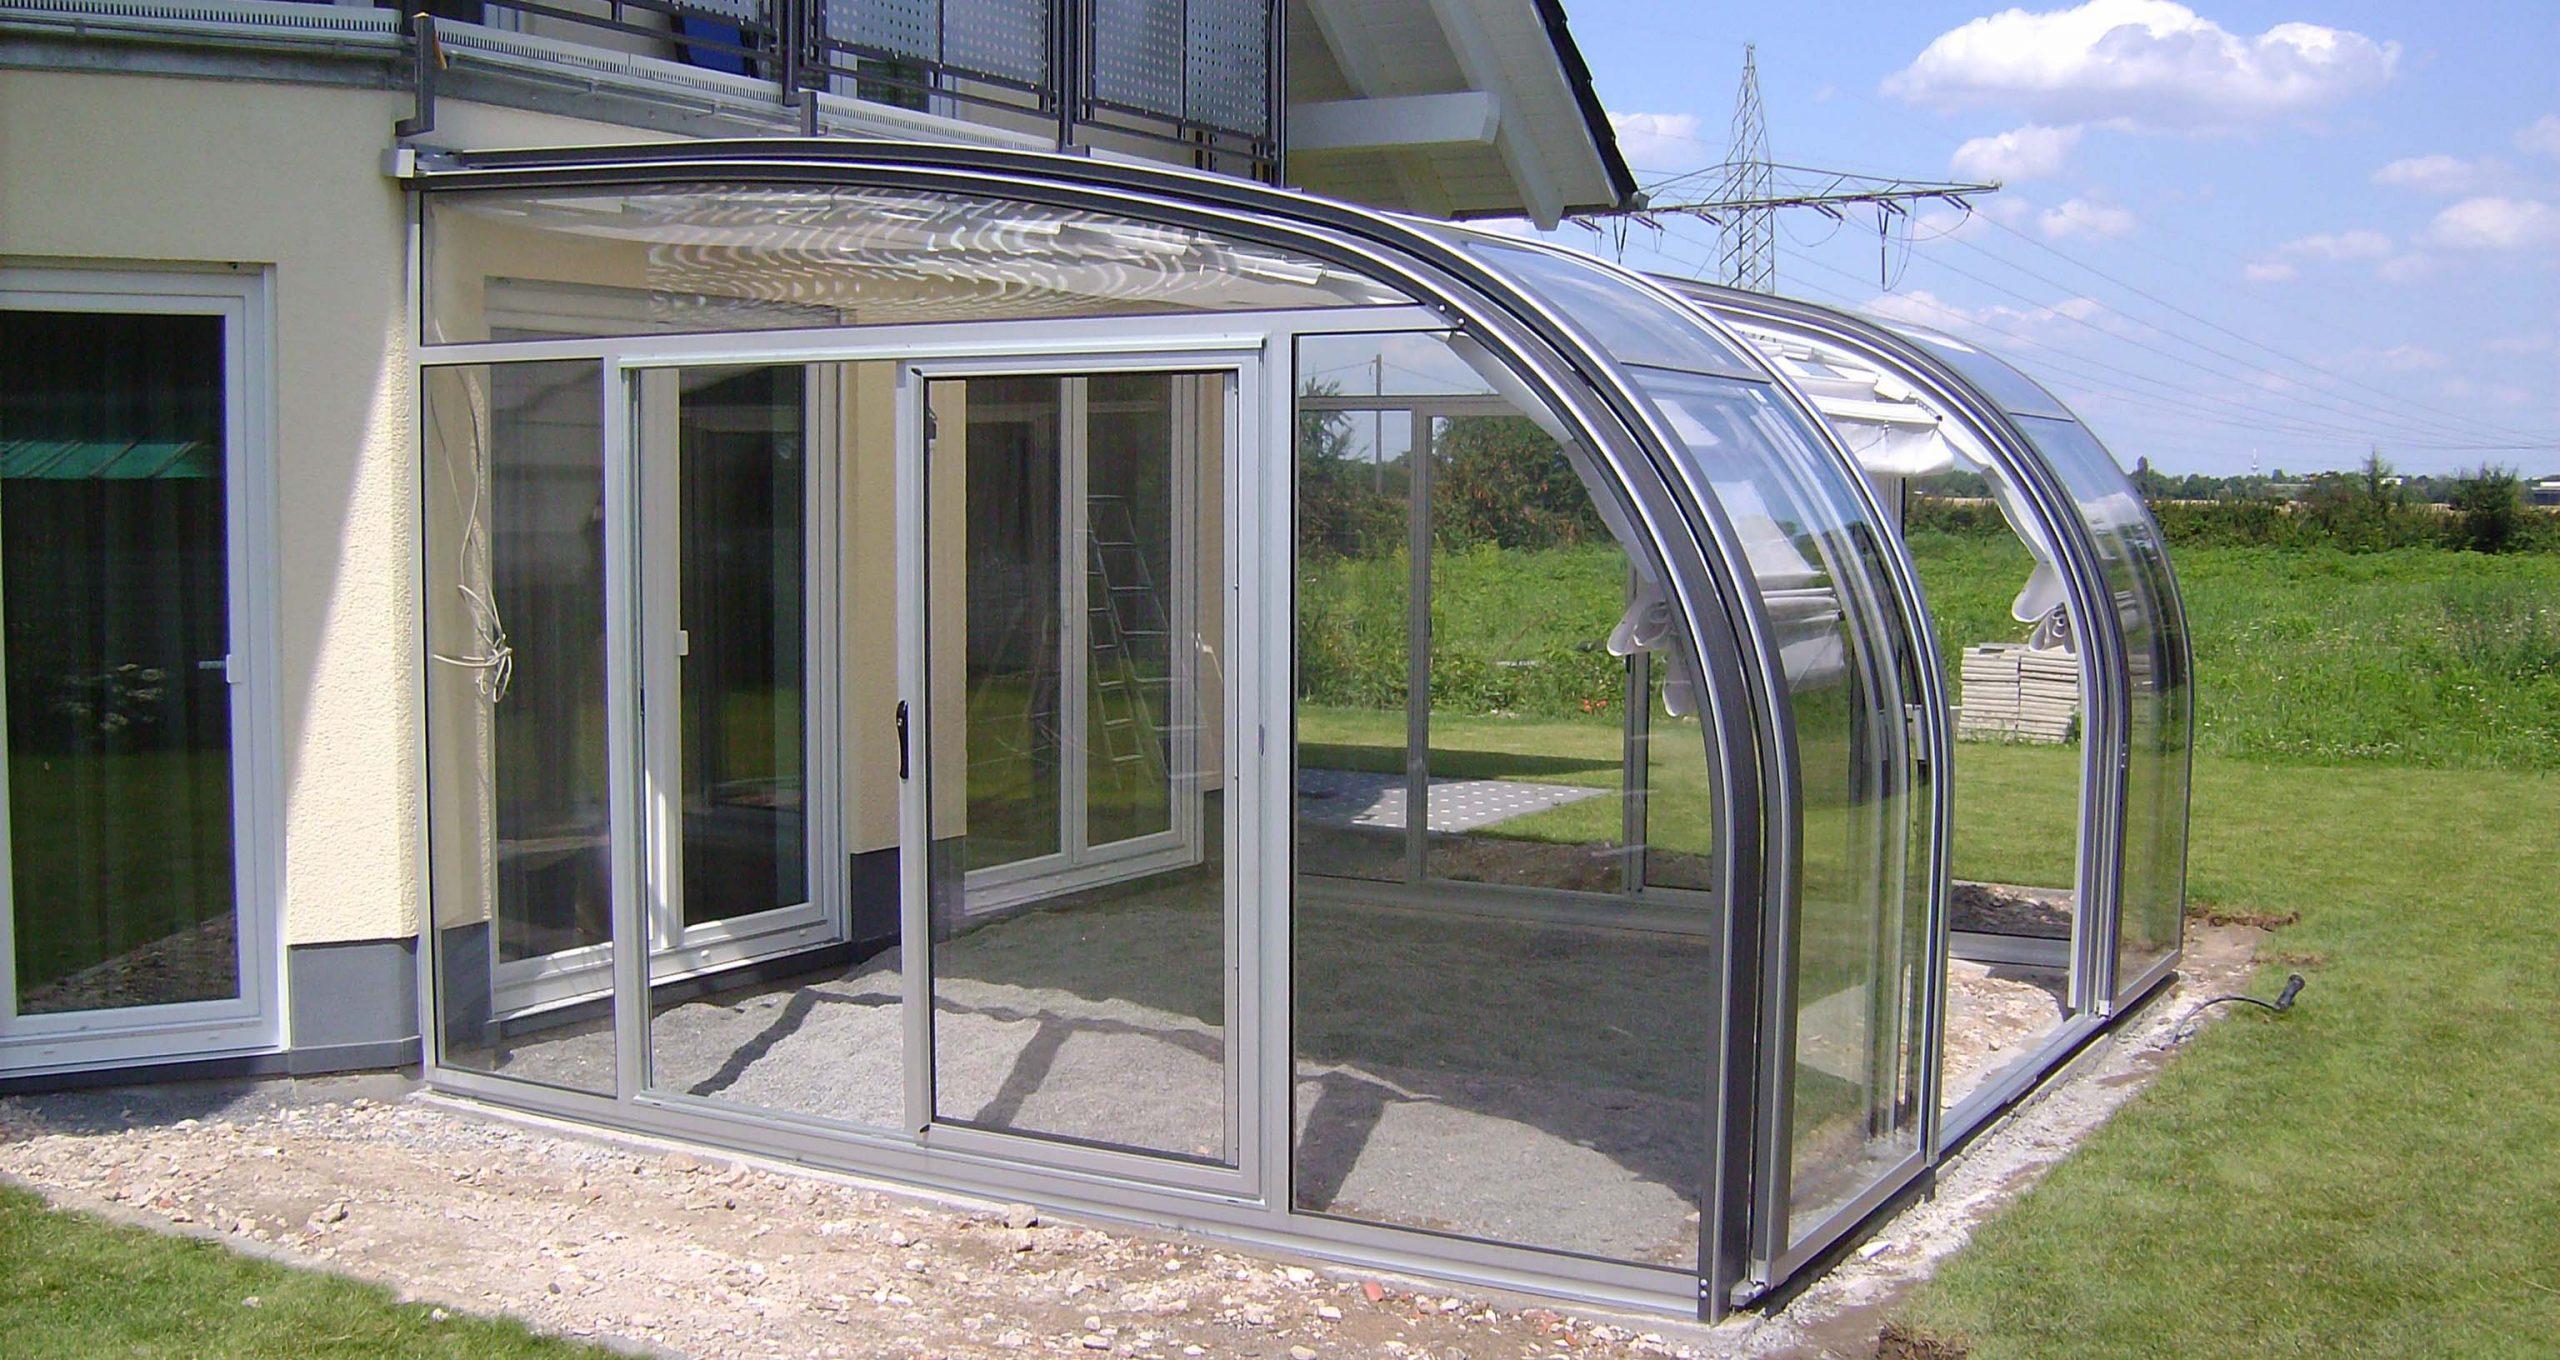 Abri De Terrasse - Art & Terrasse serapportantà Abris De Terrasse Retractable